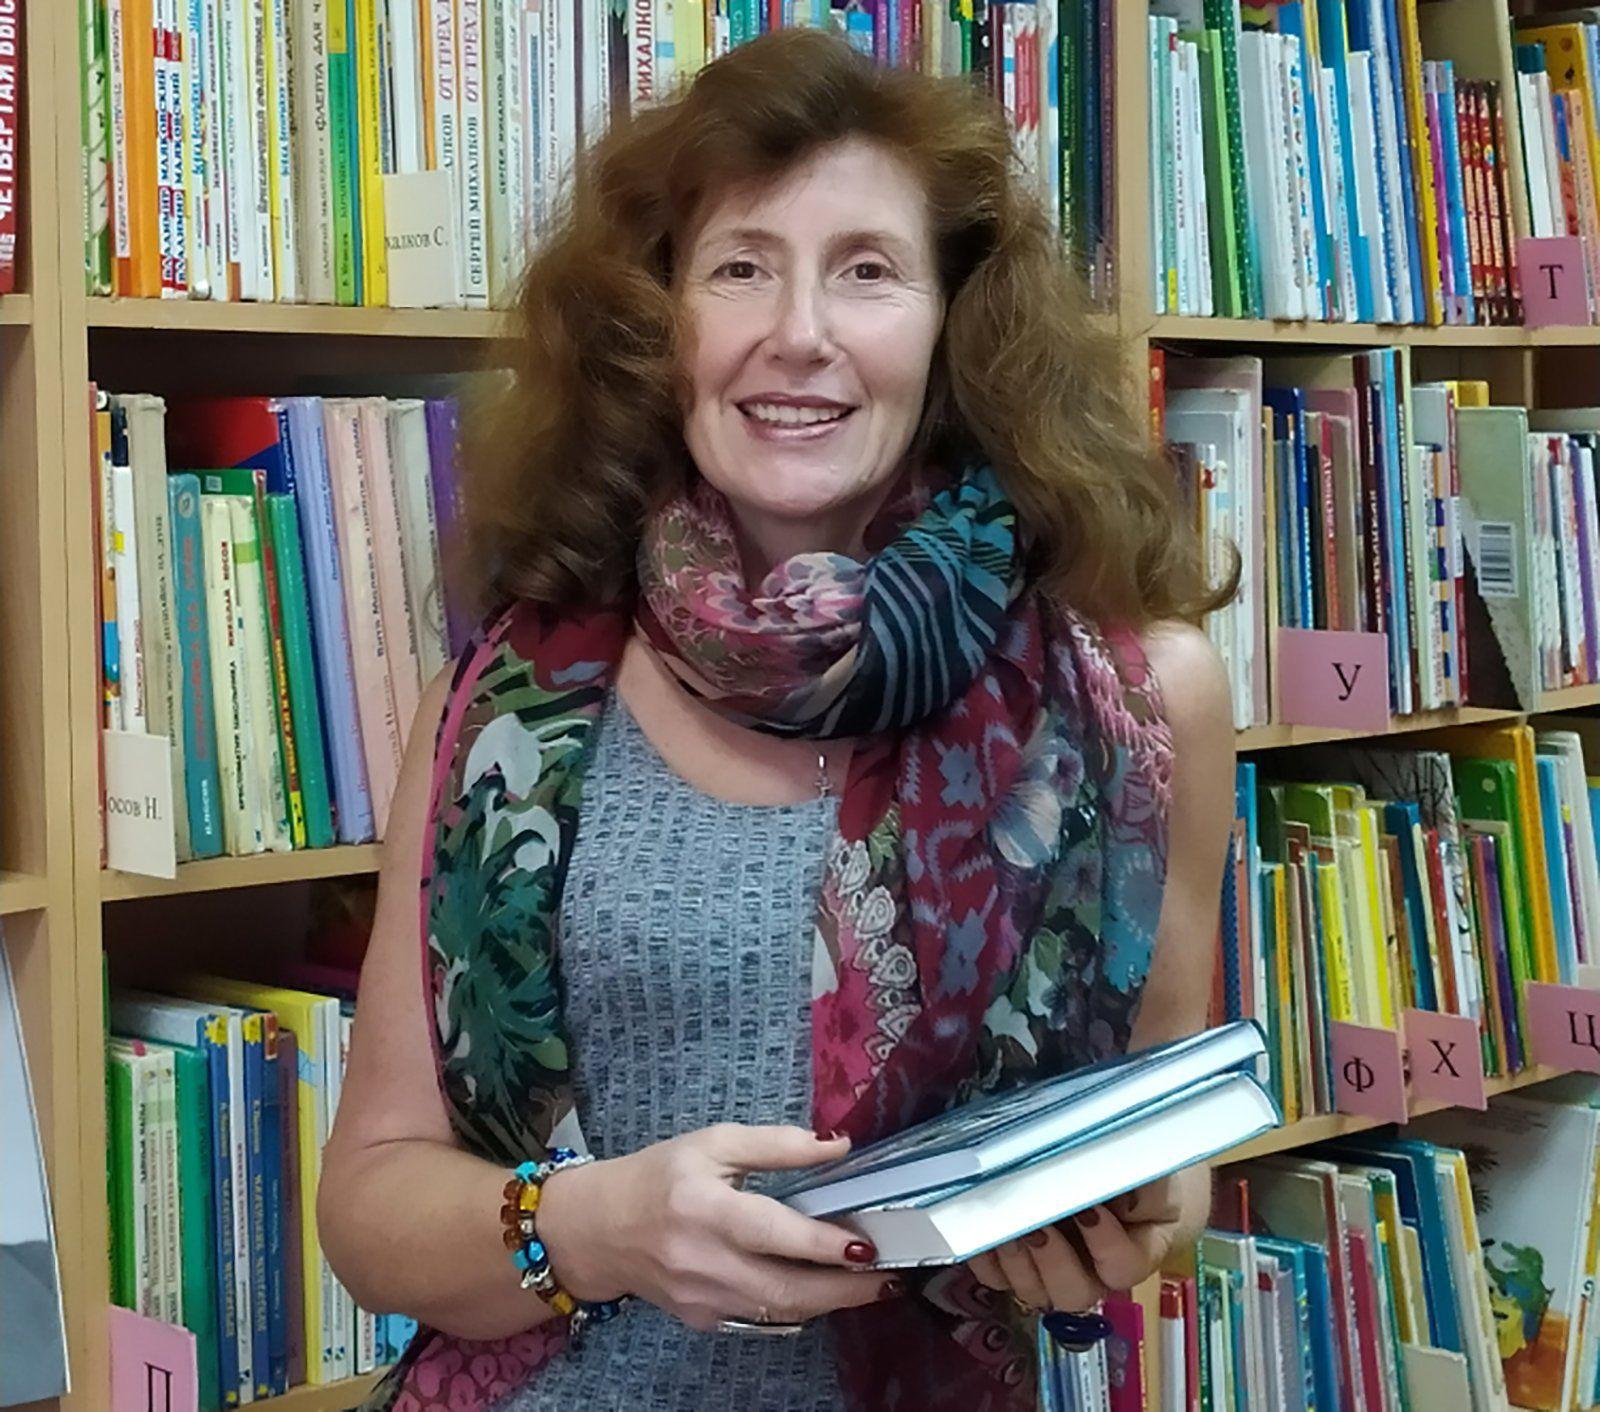 Анна Епишенкова, заведующая библиотекой № 92 — культурным центром К.И. Чуковского